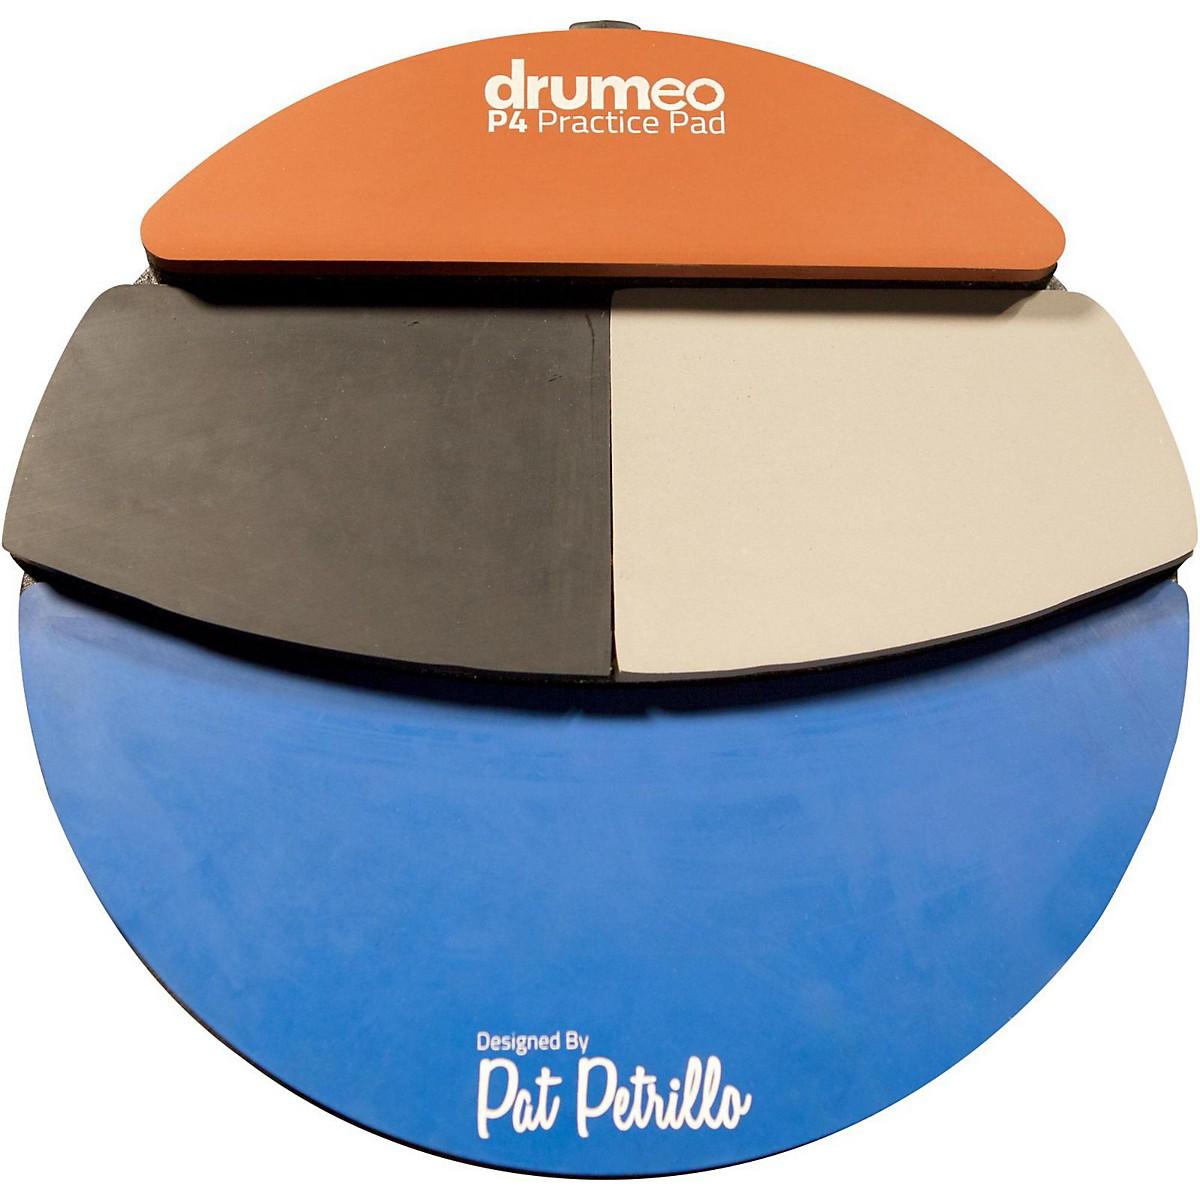 Drumeo P4 Practice Pad | Guitar Center